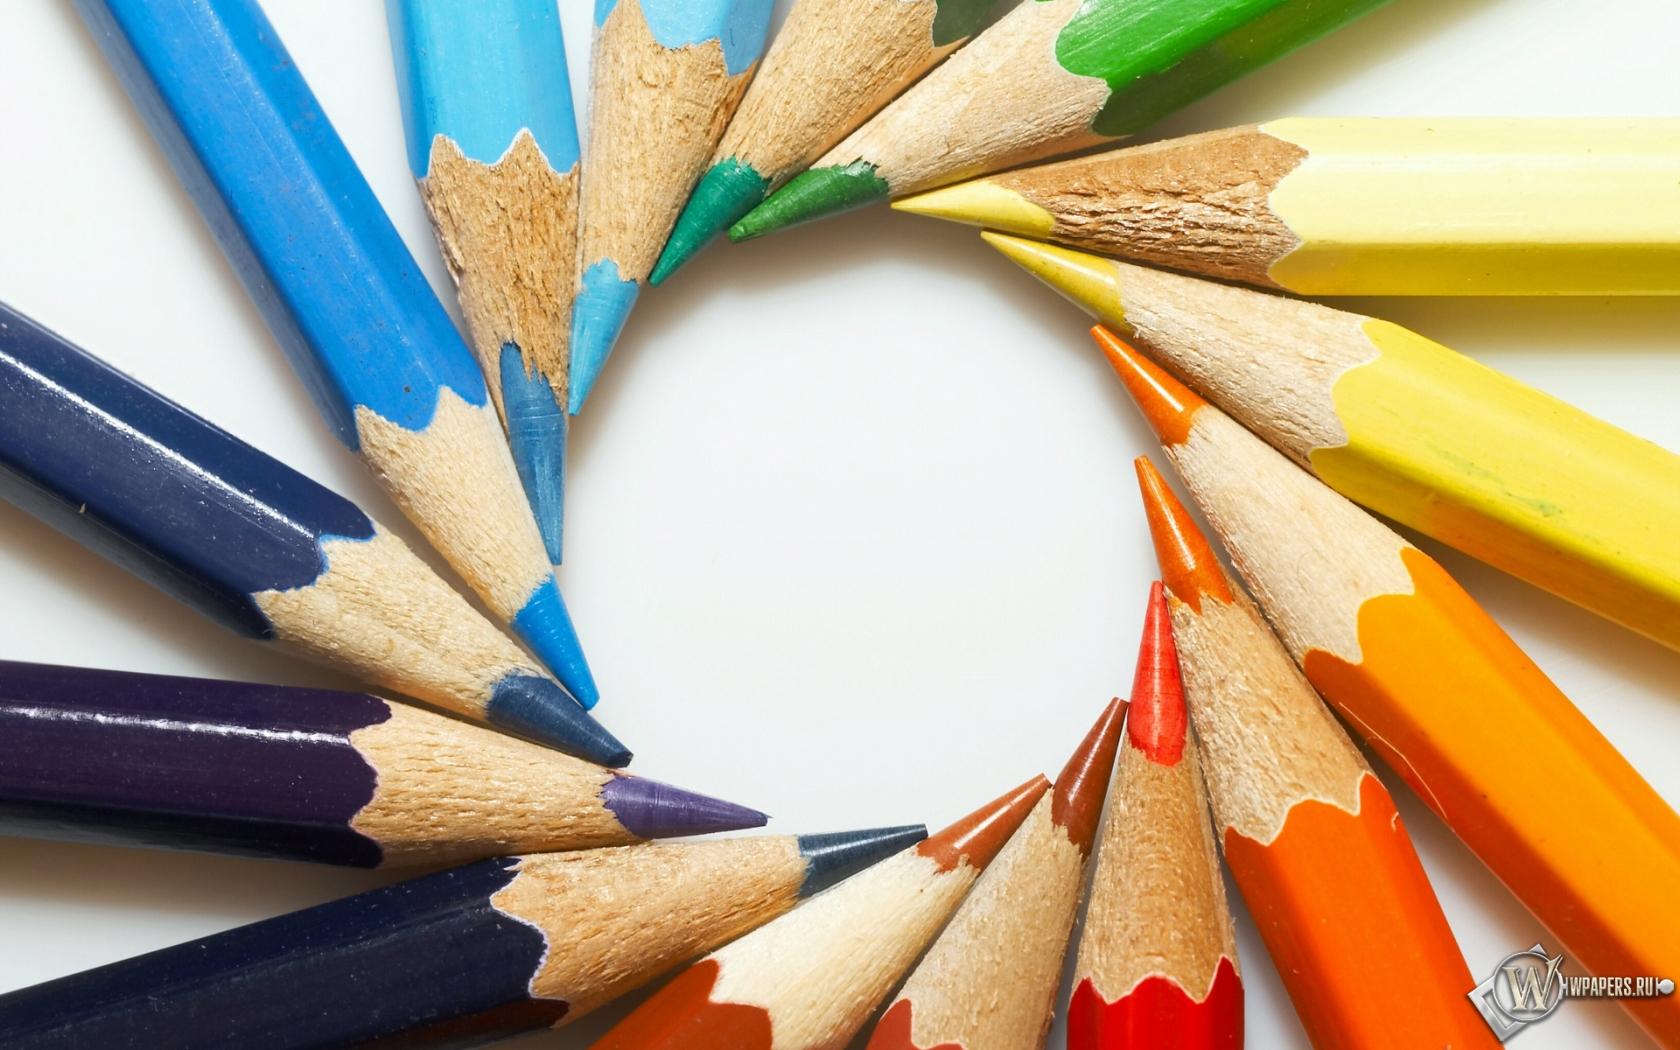 Цветные карандаши 1680x1050